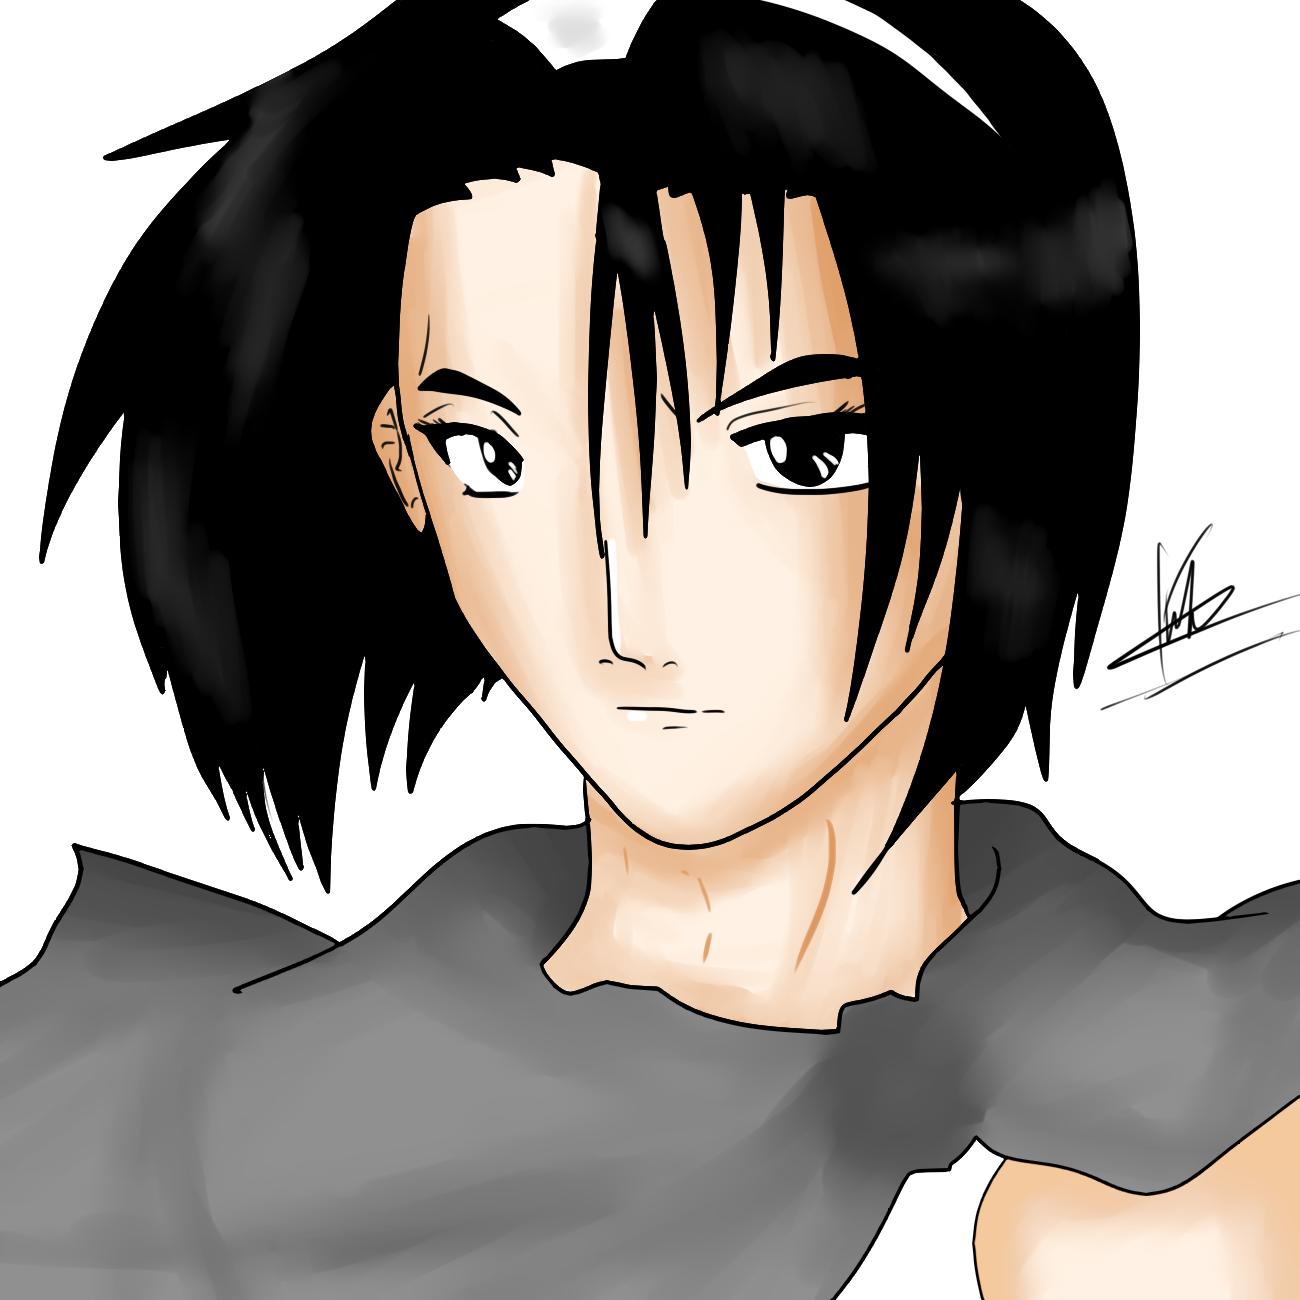 Jun Kazama By Kaiserkleylson On DeviantArt